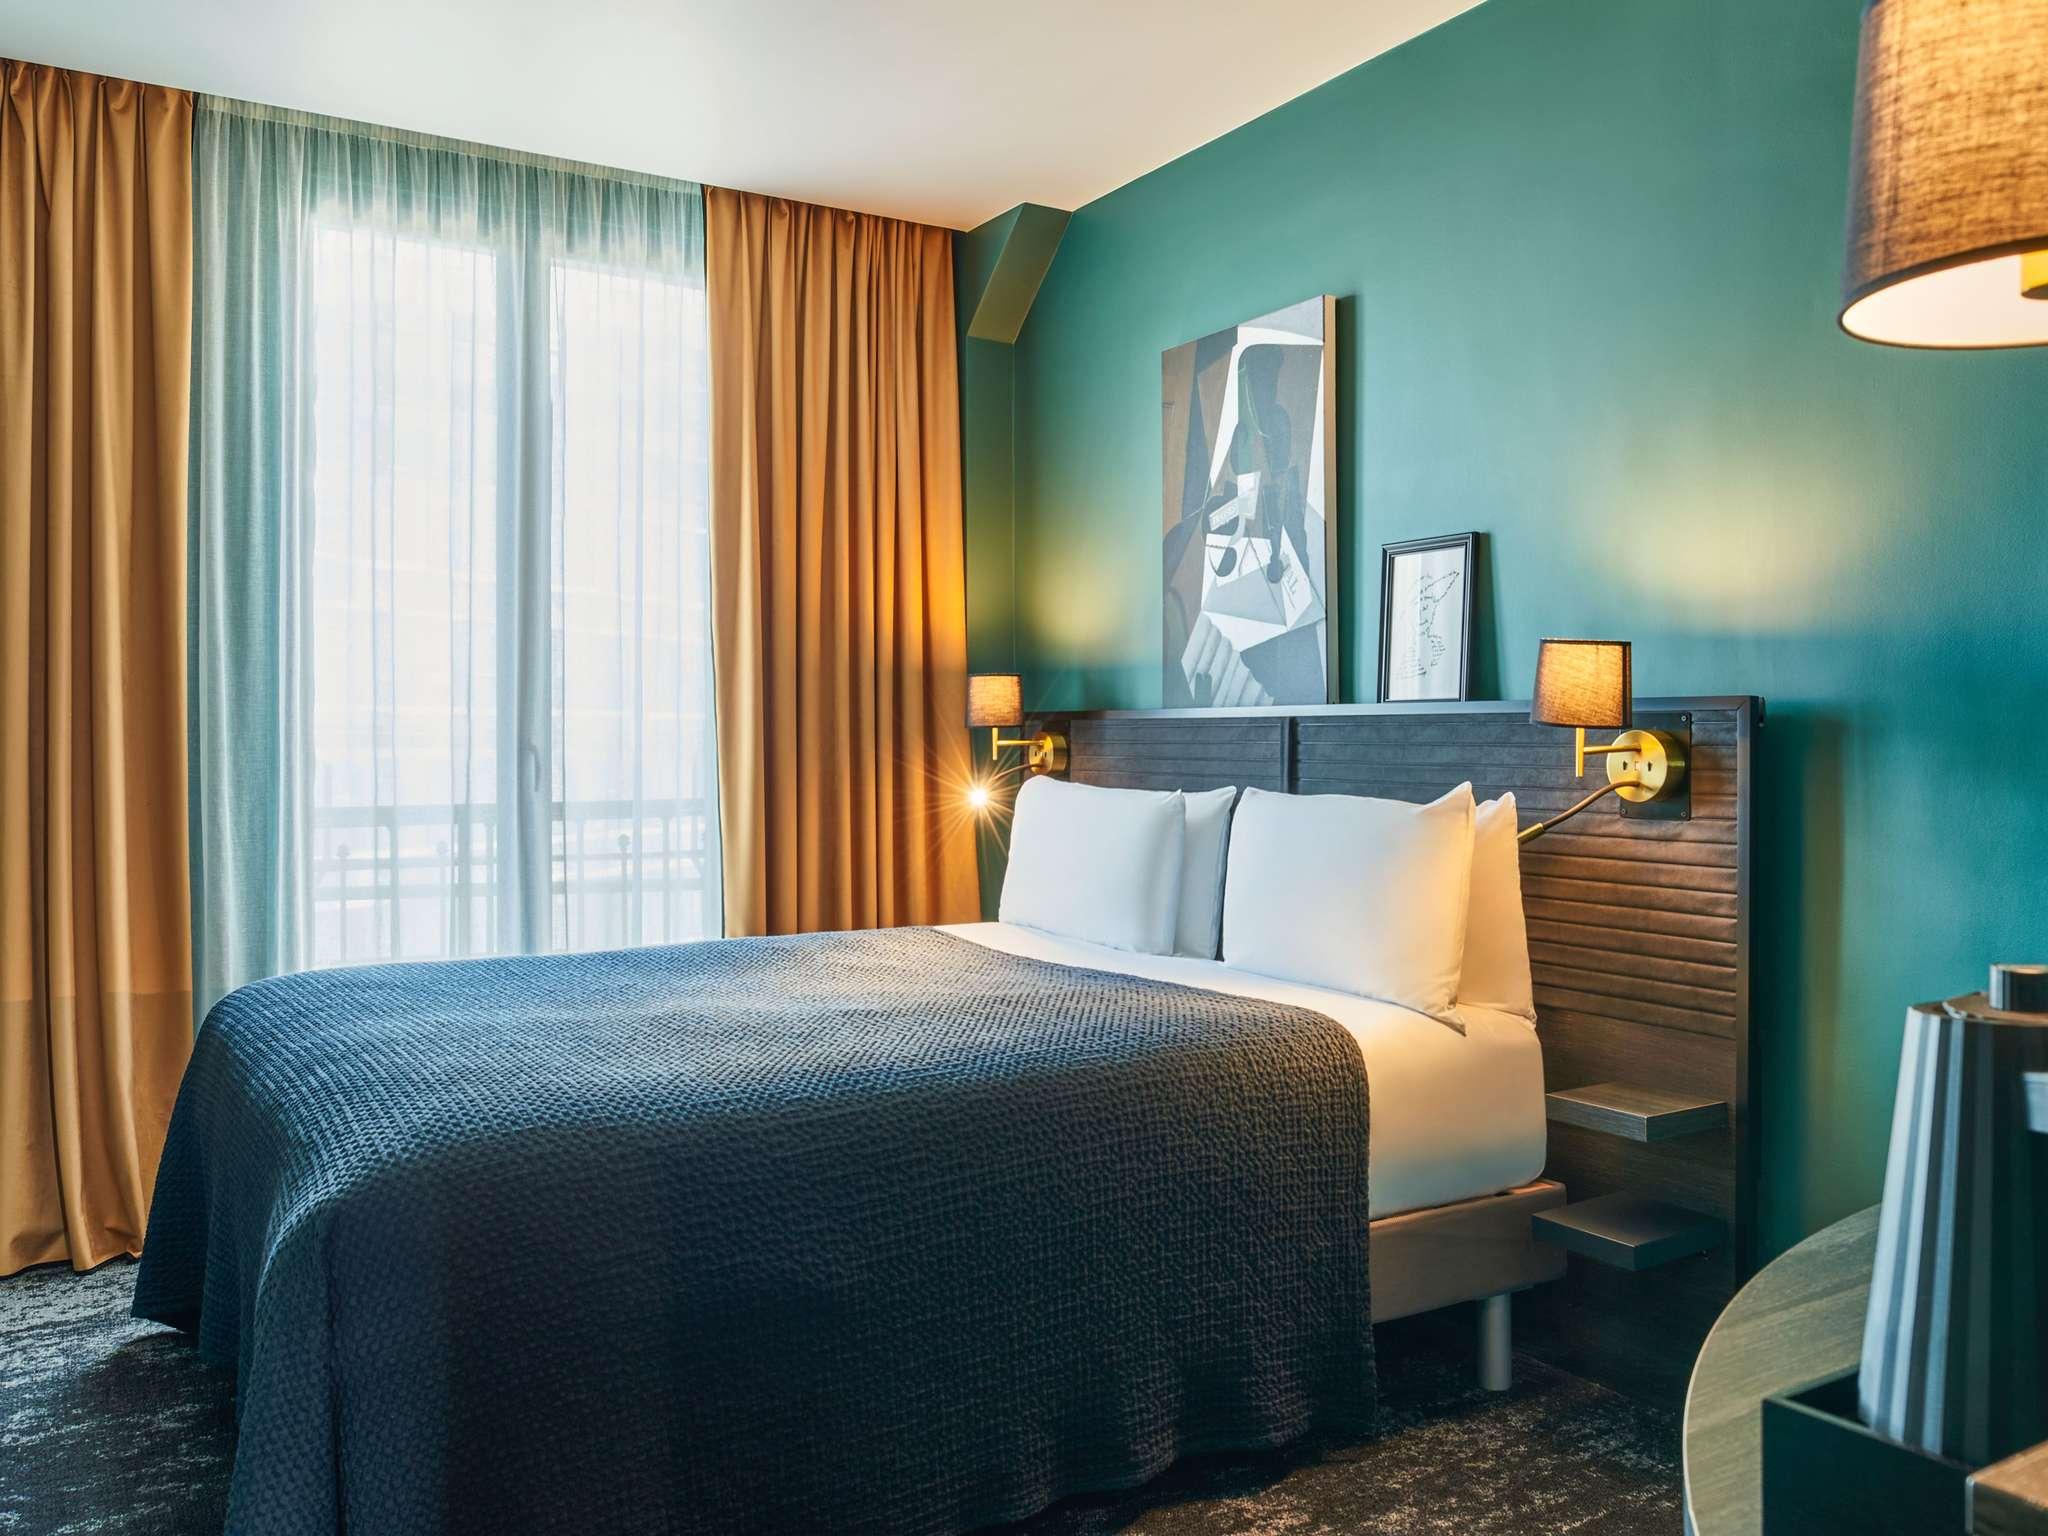 โรงแรม – เมอร์เคียว ปารีส ปลาซา ปอง มิราโบ